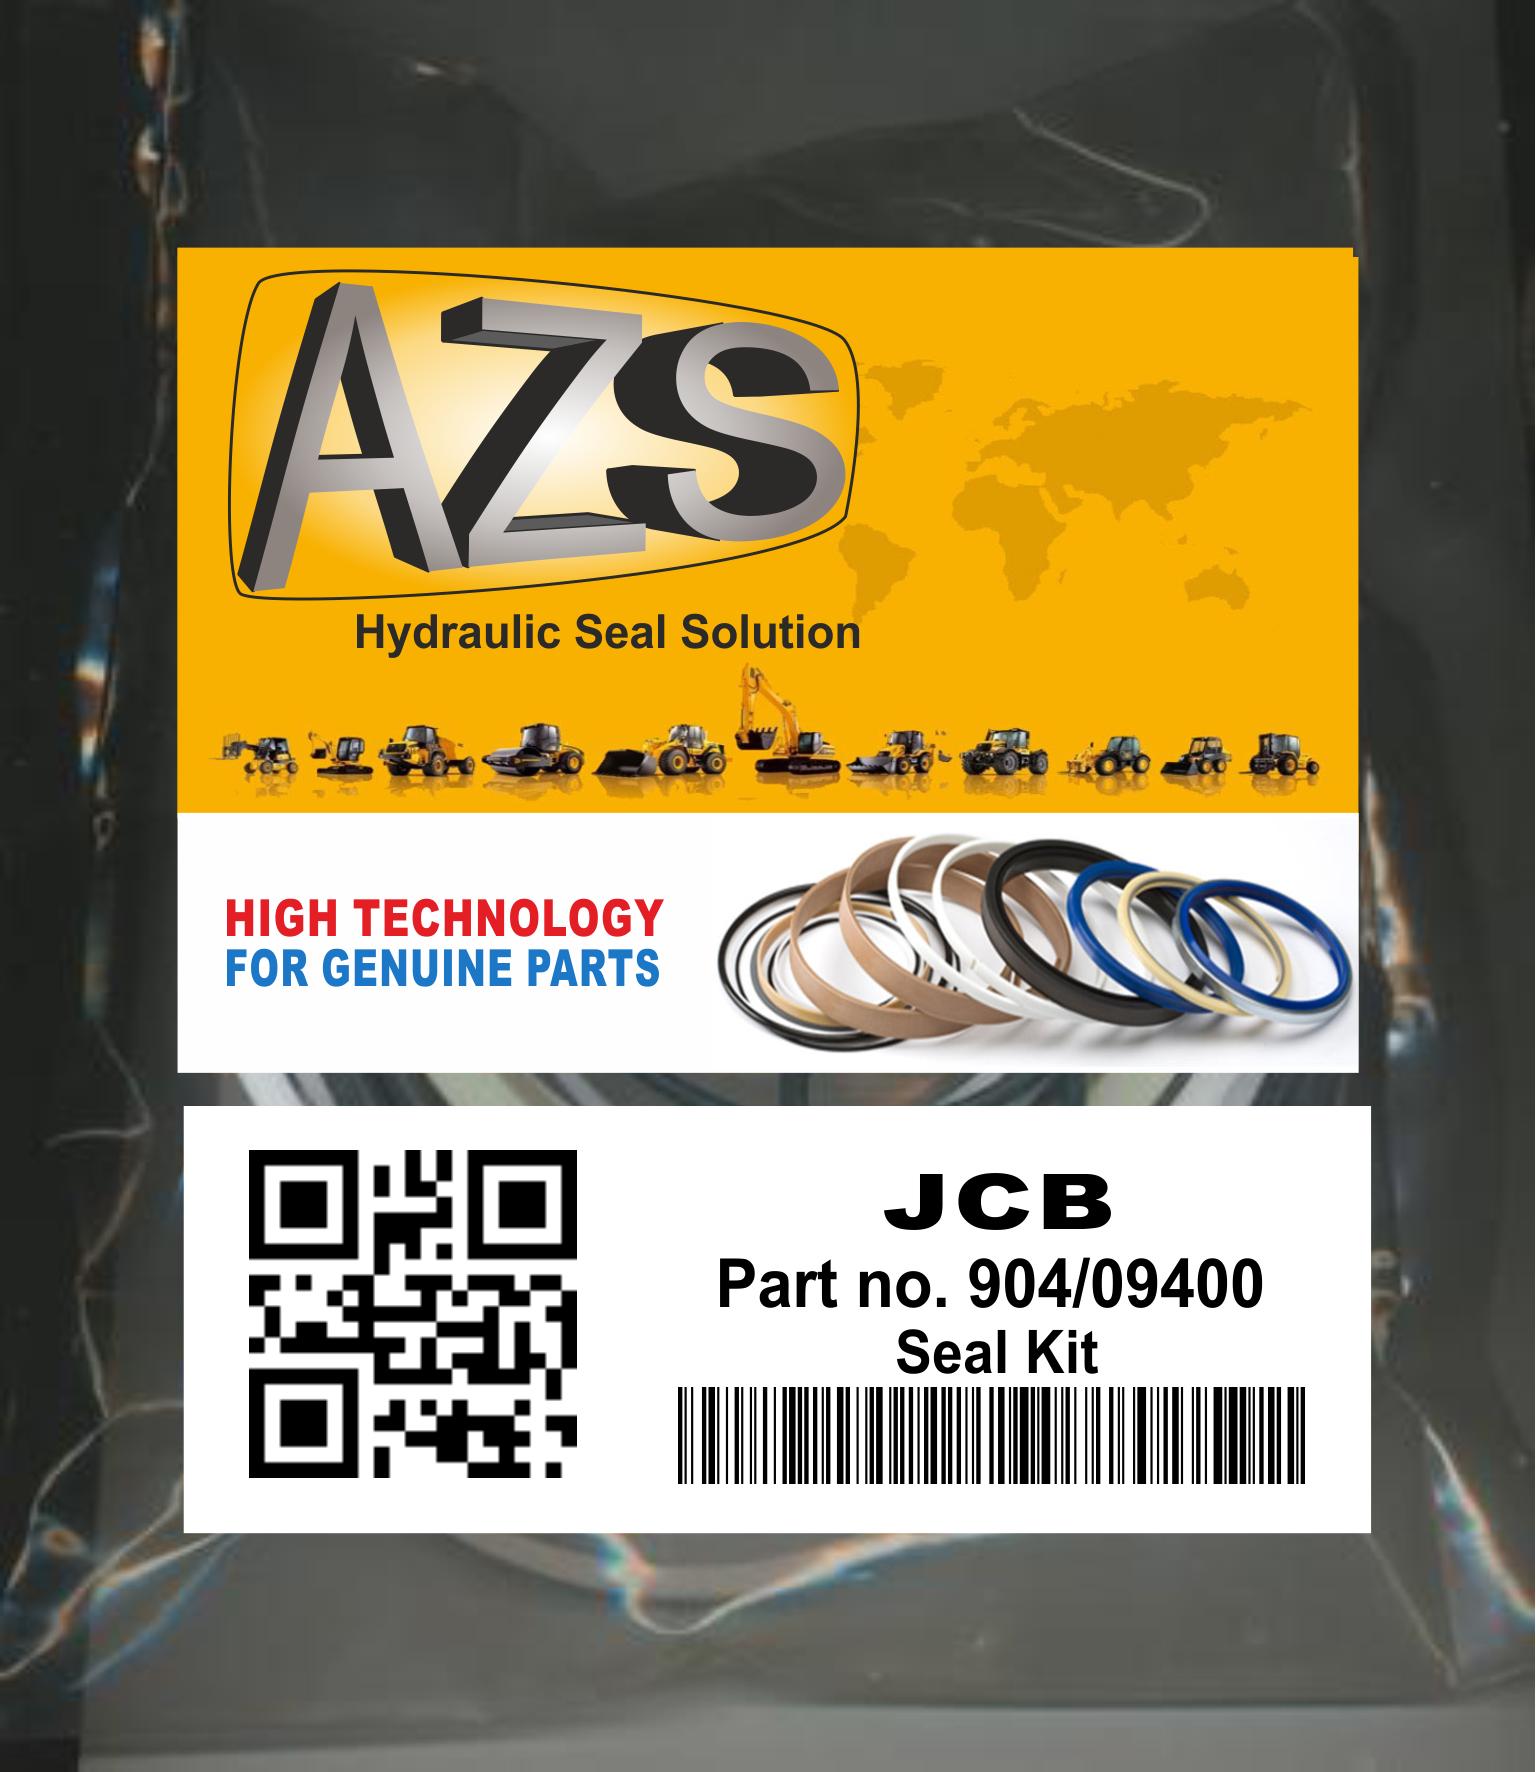 JCB Seal Kit 904/09400 Replacement 90409400, 904-09400 Seal Kits